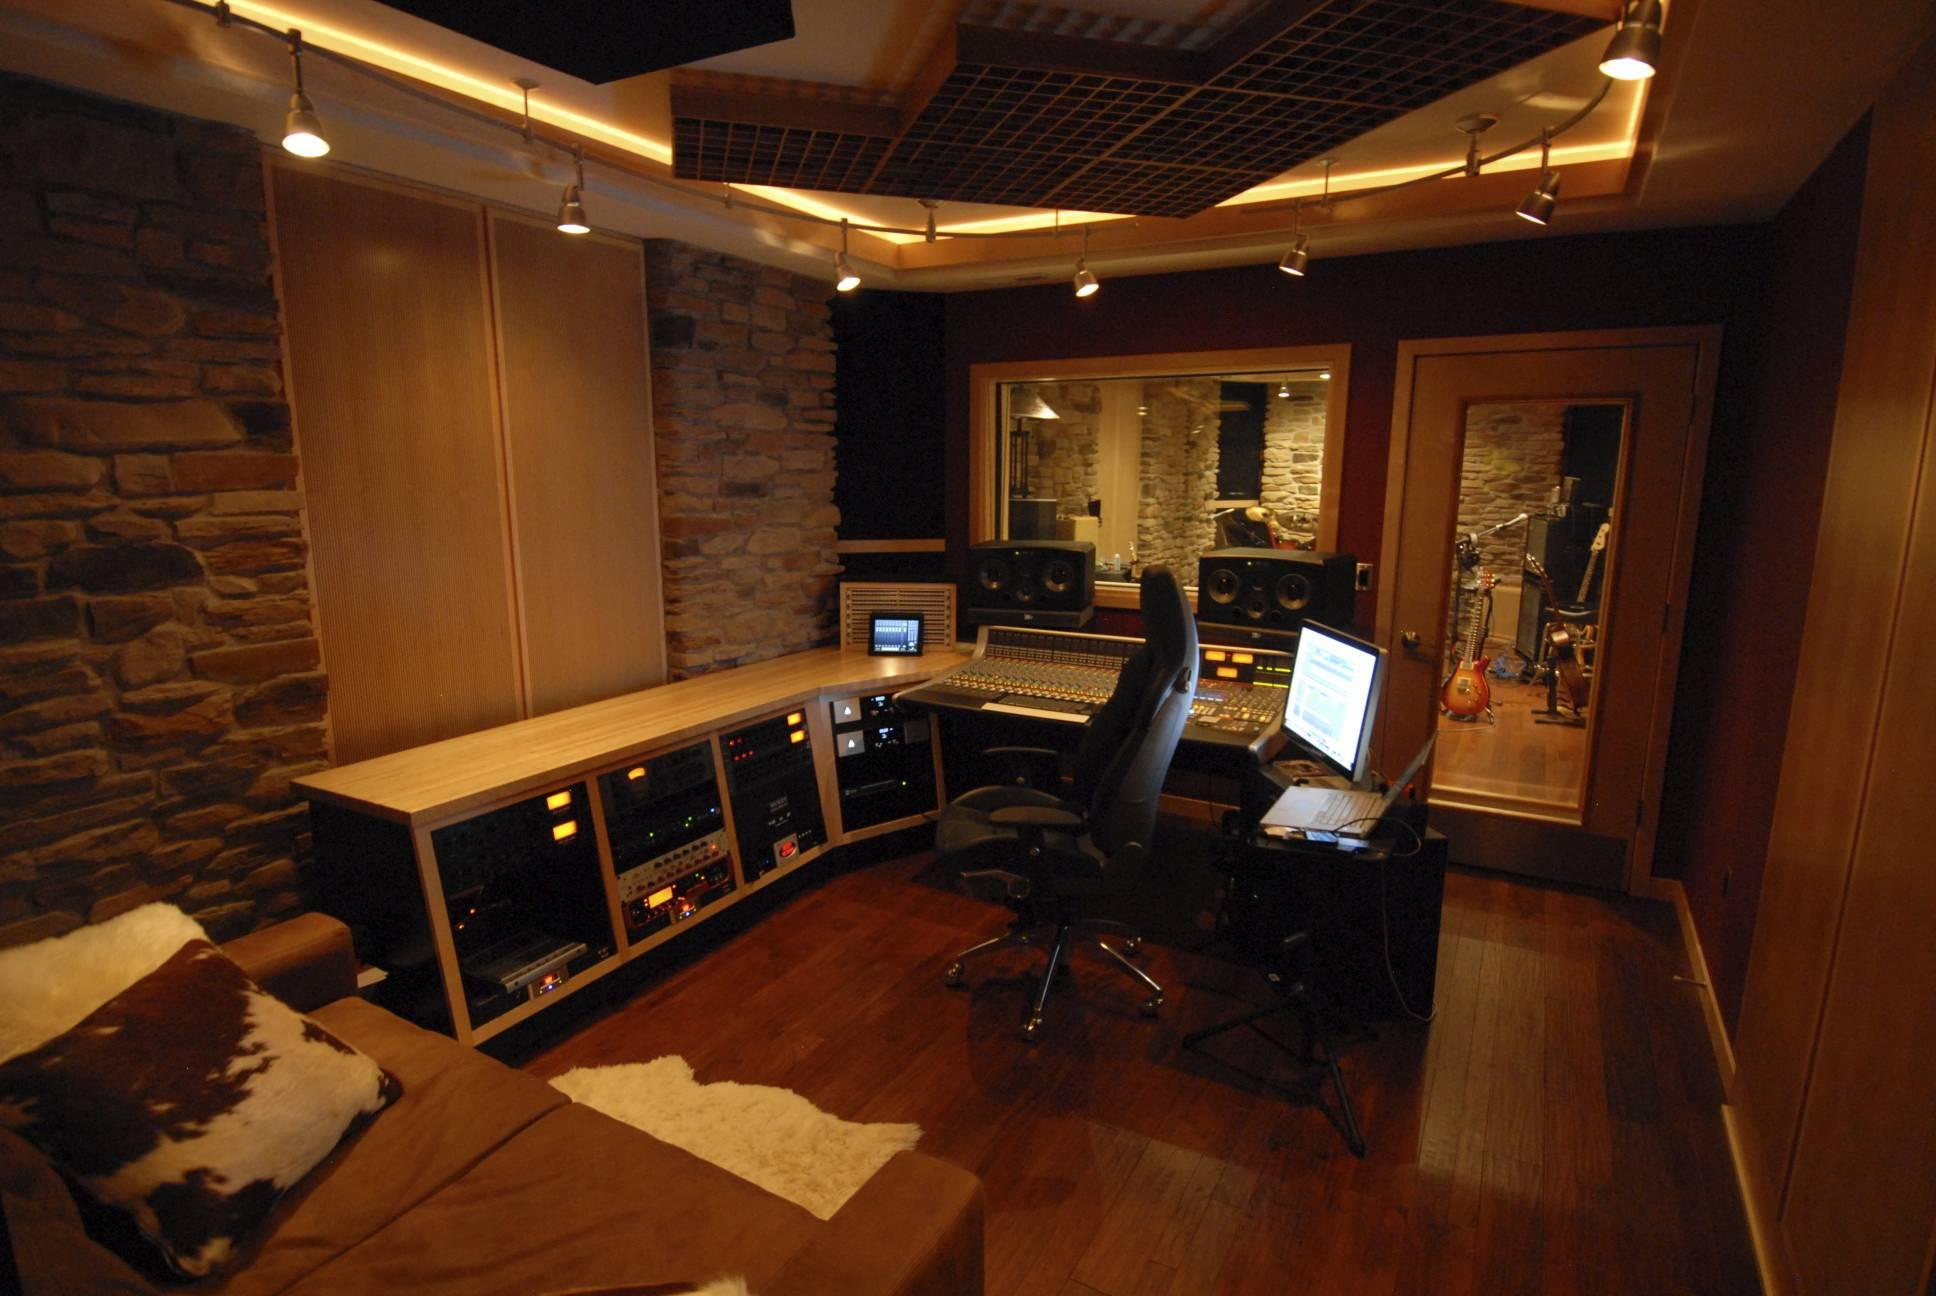 Grendel 39 s lair studio 7 basement project page 5 for Studio floor